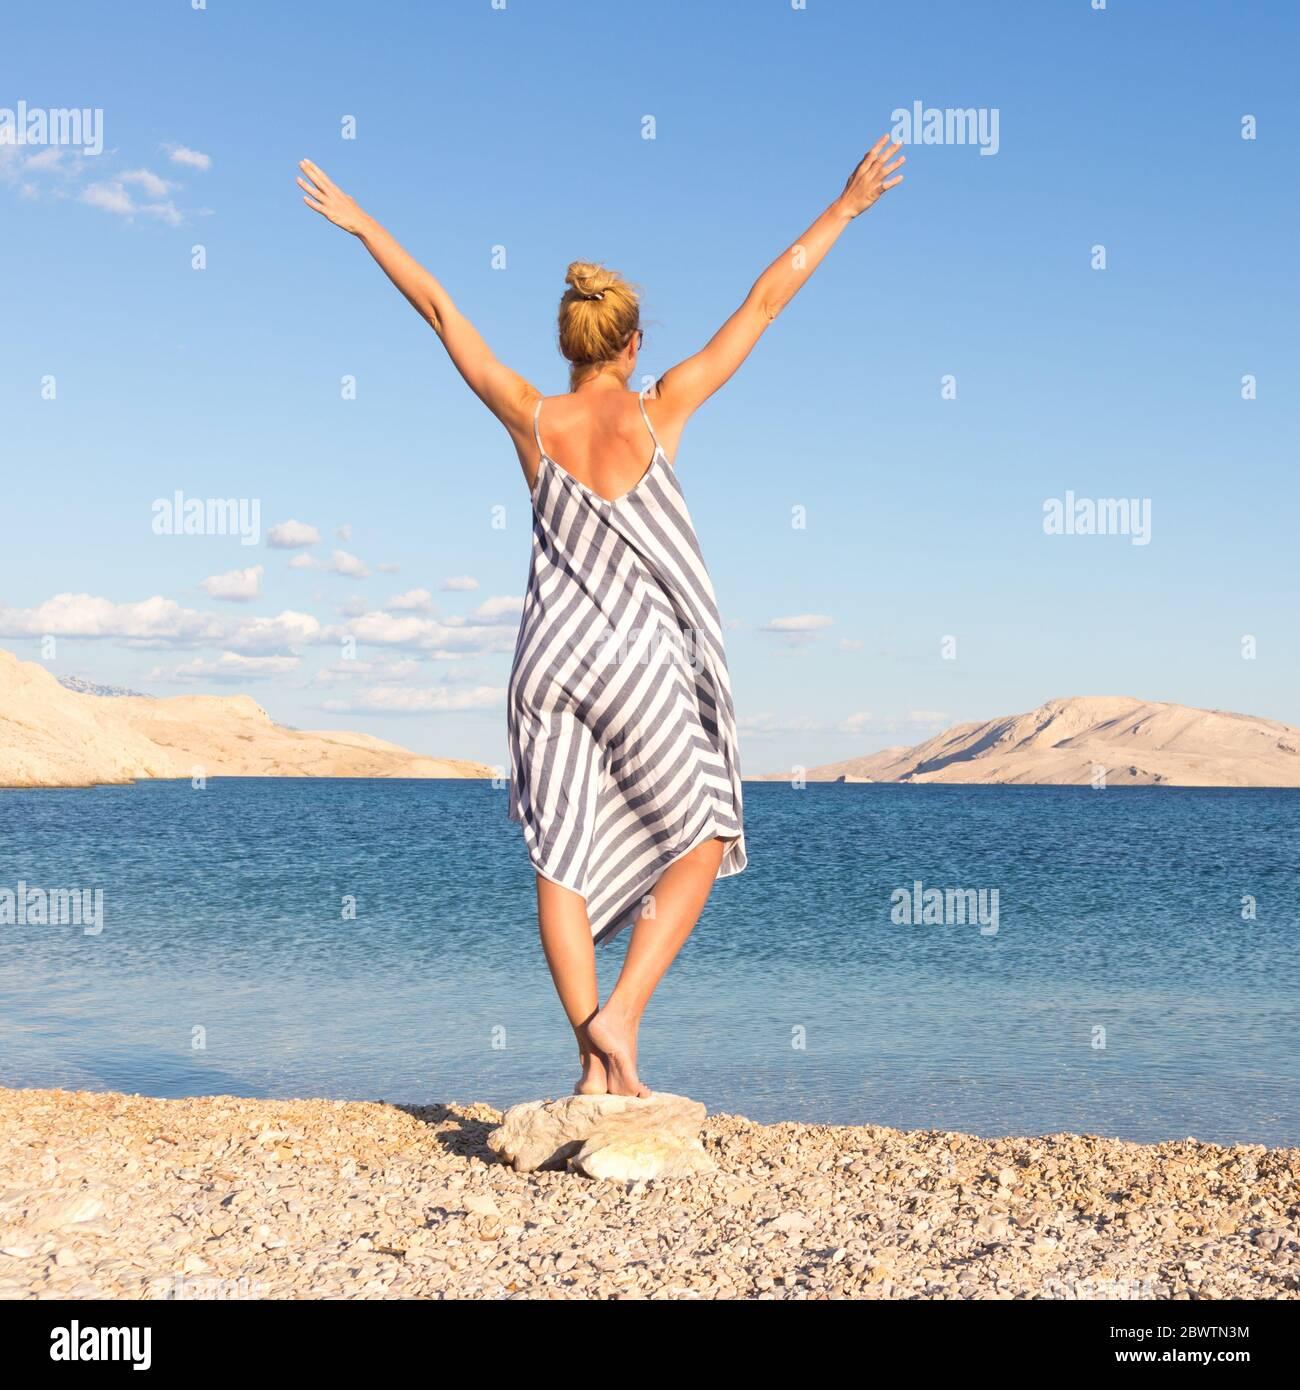 Joyeuse femme insouciante, portant une belle robe d'été rayée en fin d'après-midi sur la plage de pabbled blanche sur l'île de Pag, Croatie Banque D'Images